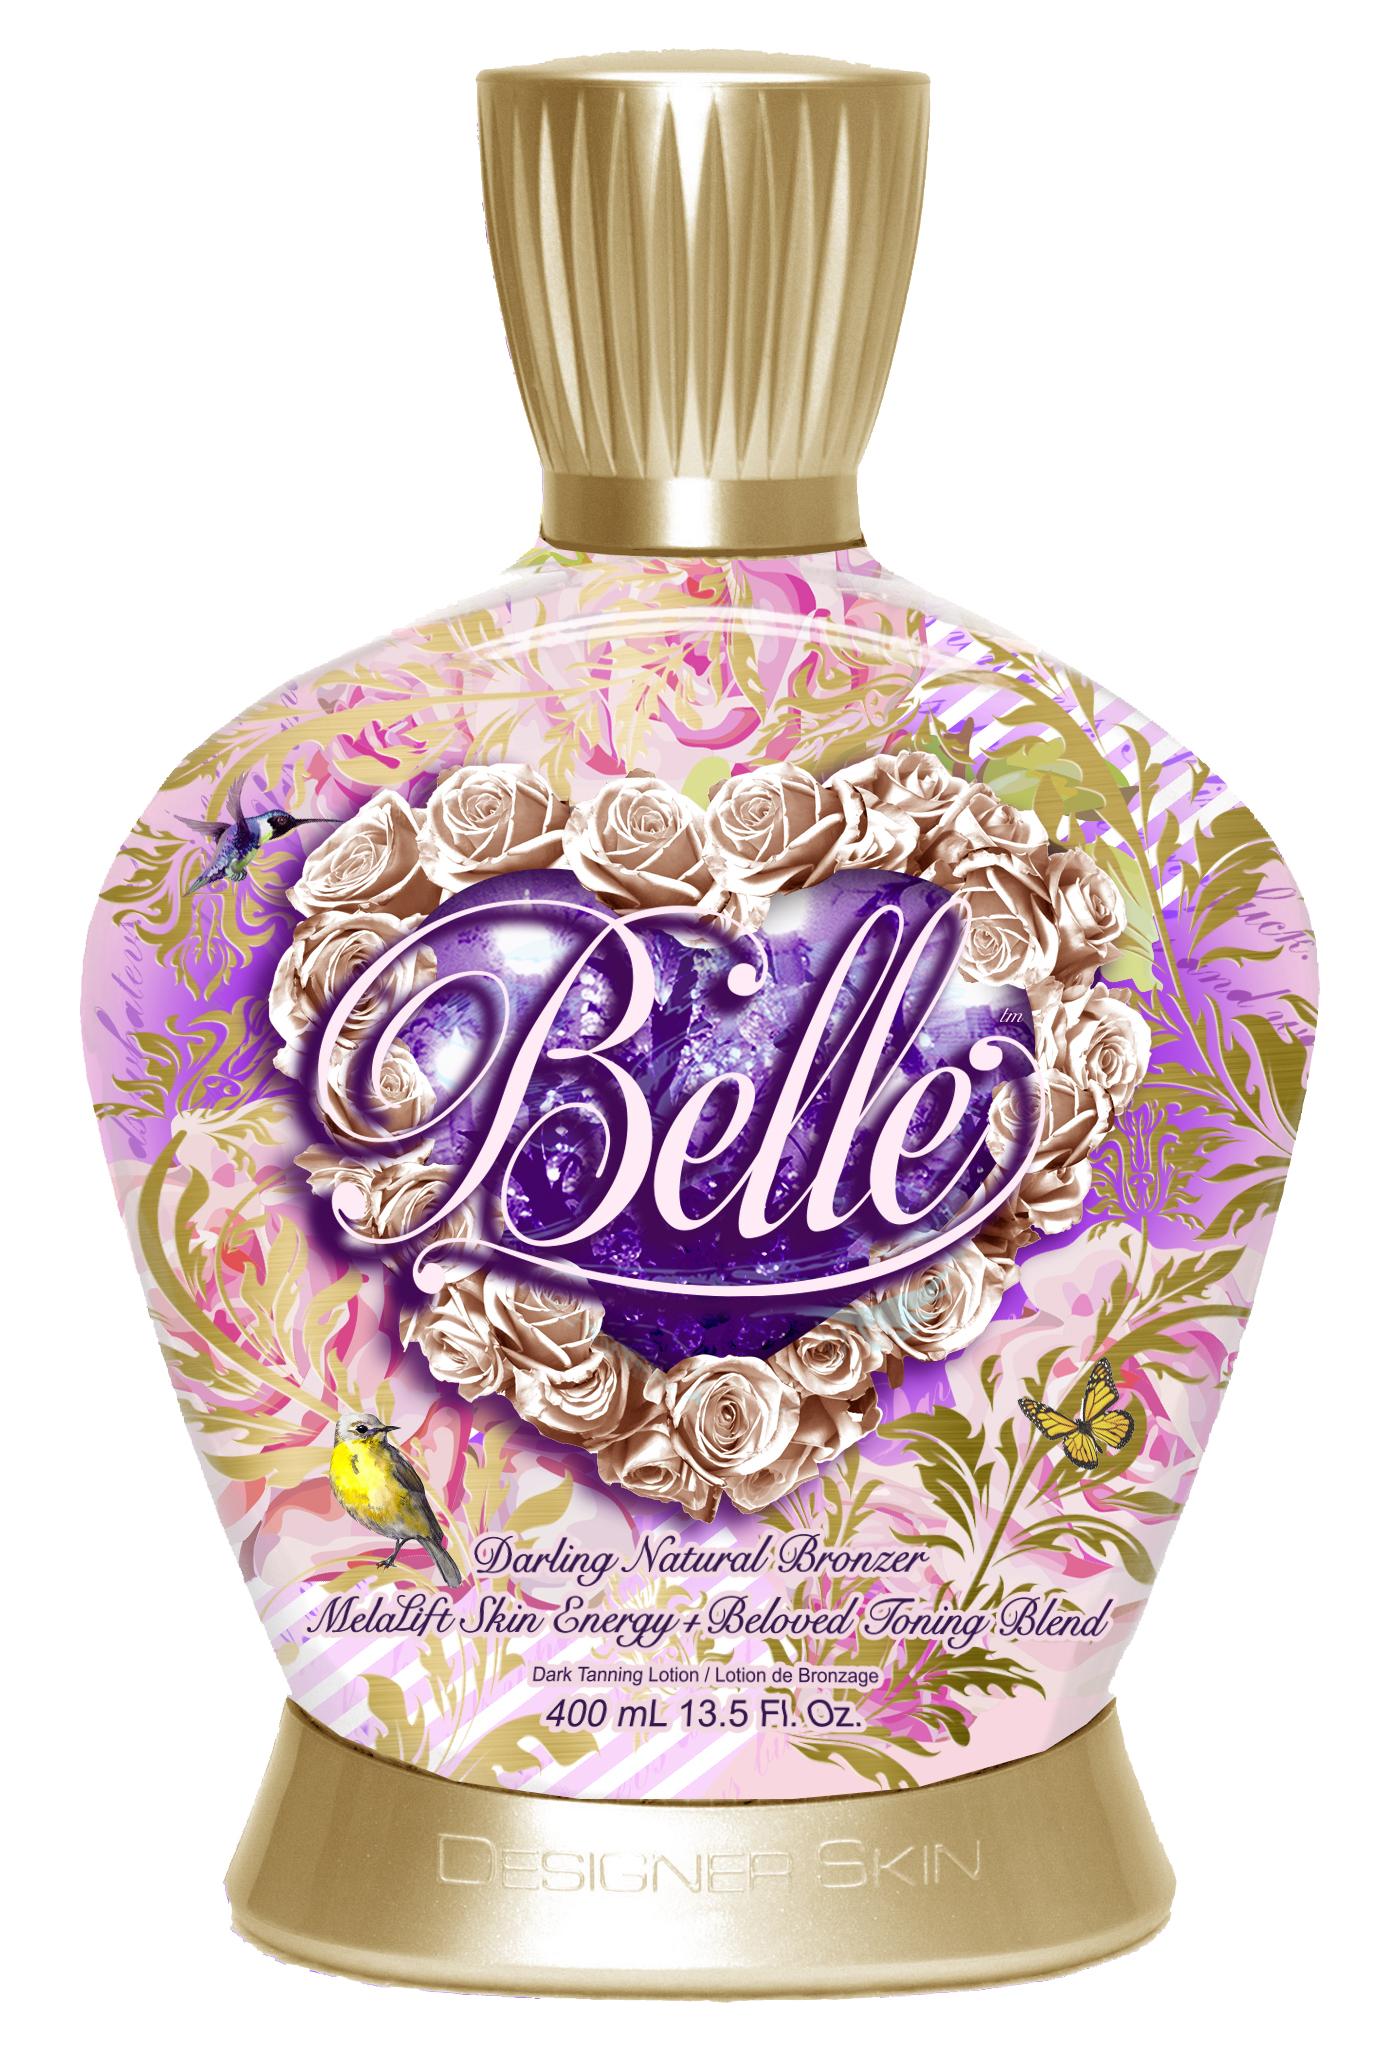 Belle™ Darling Natural Bronzer